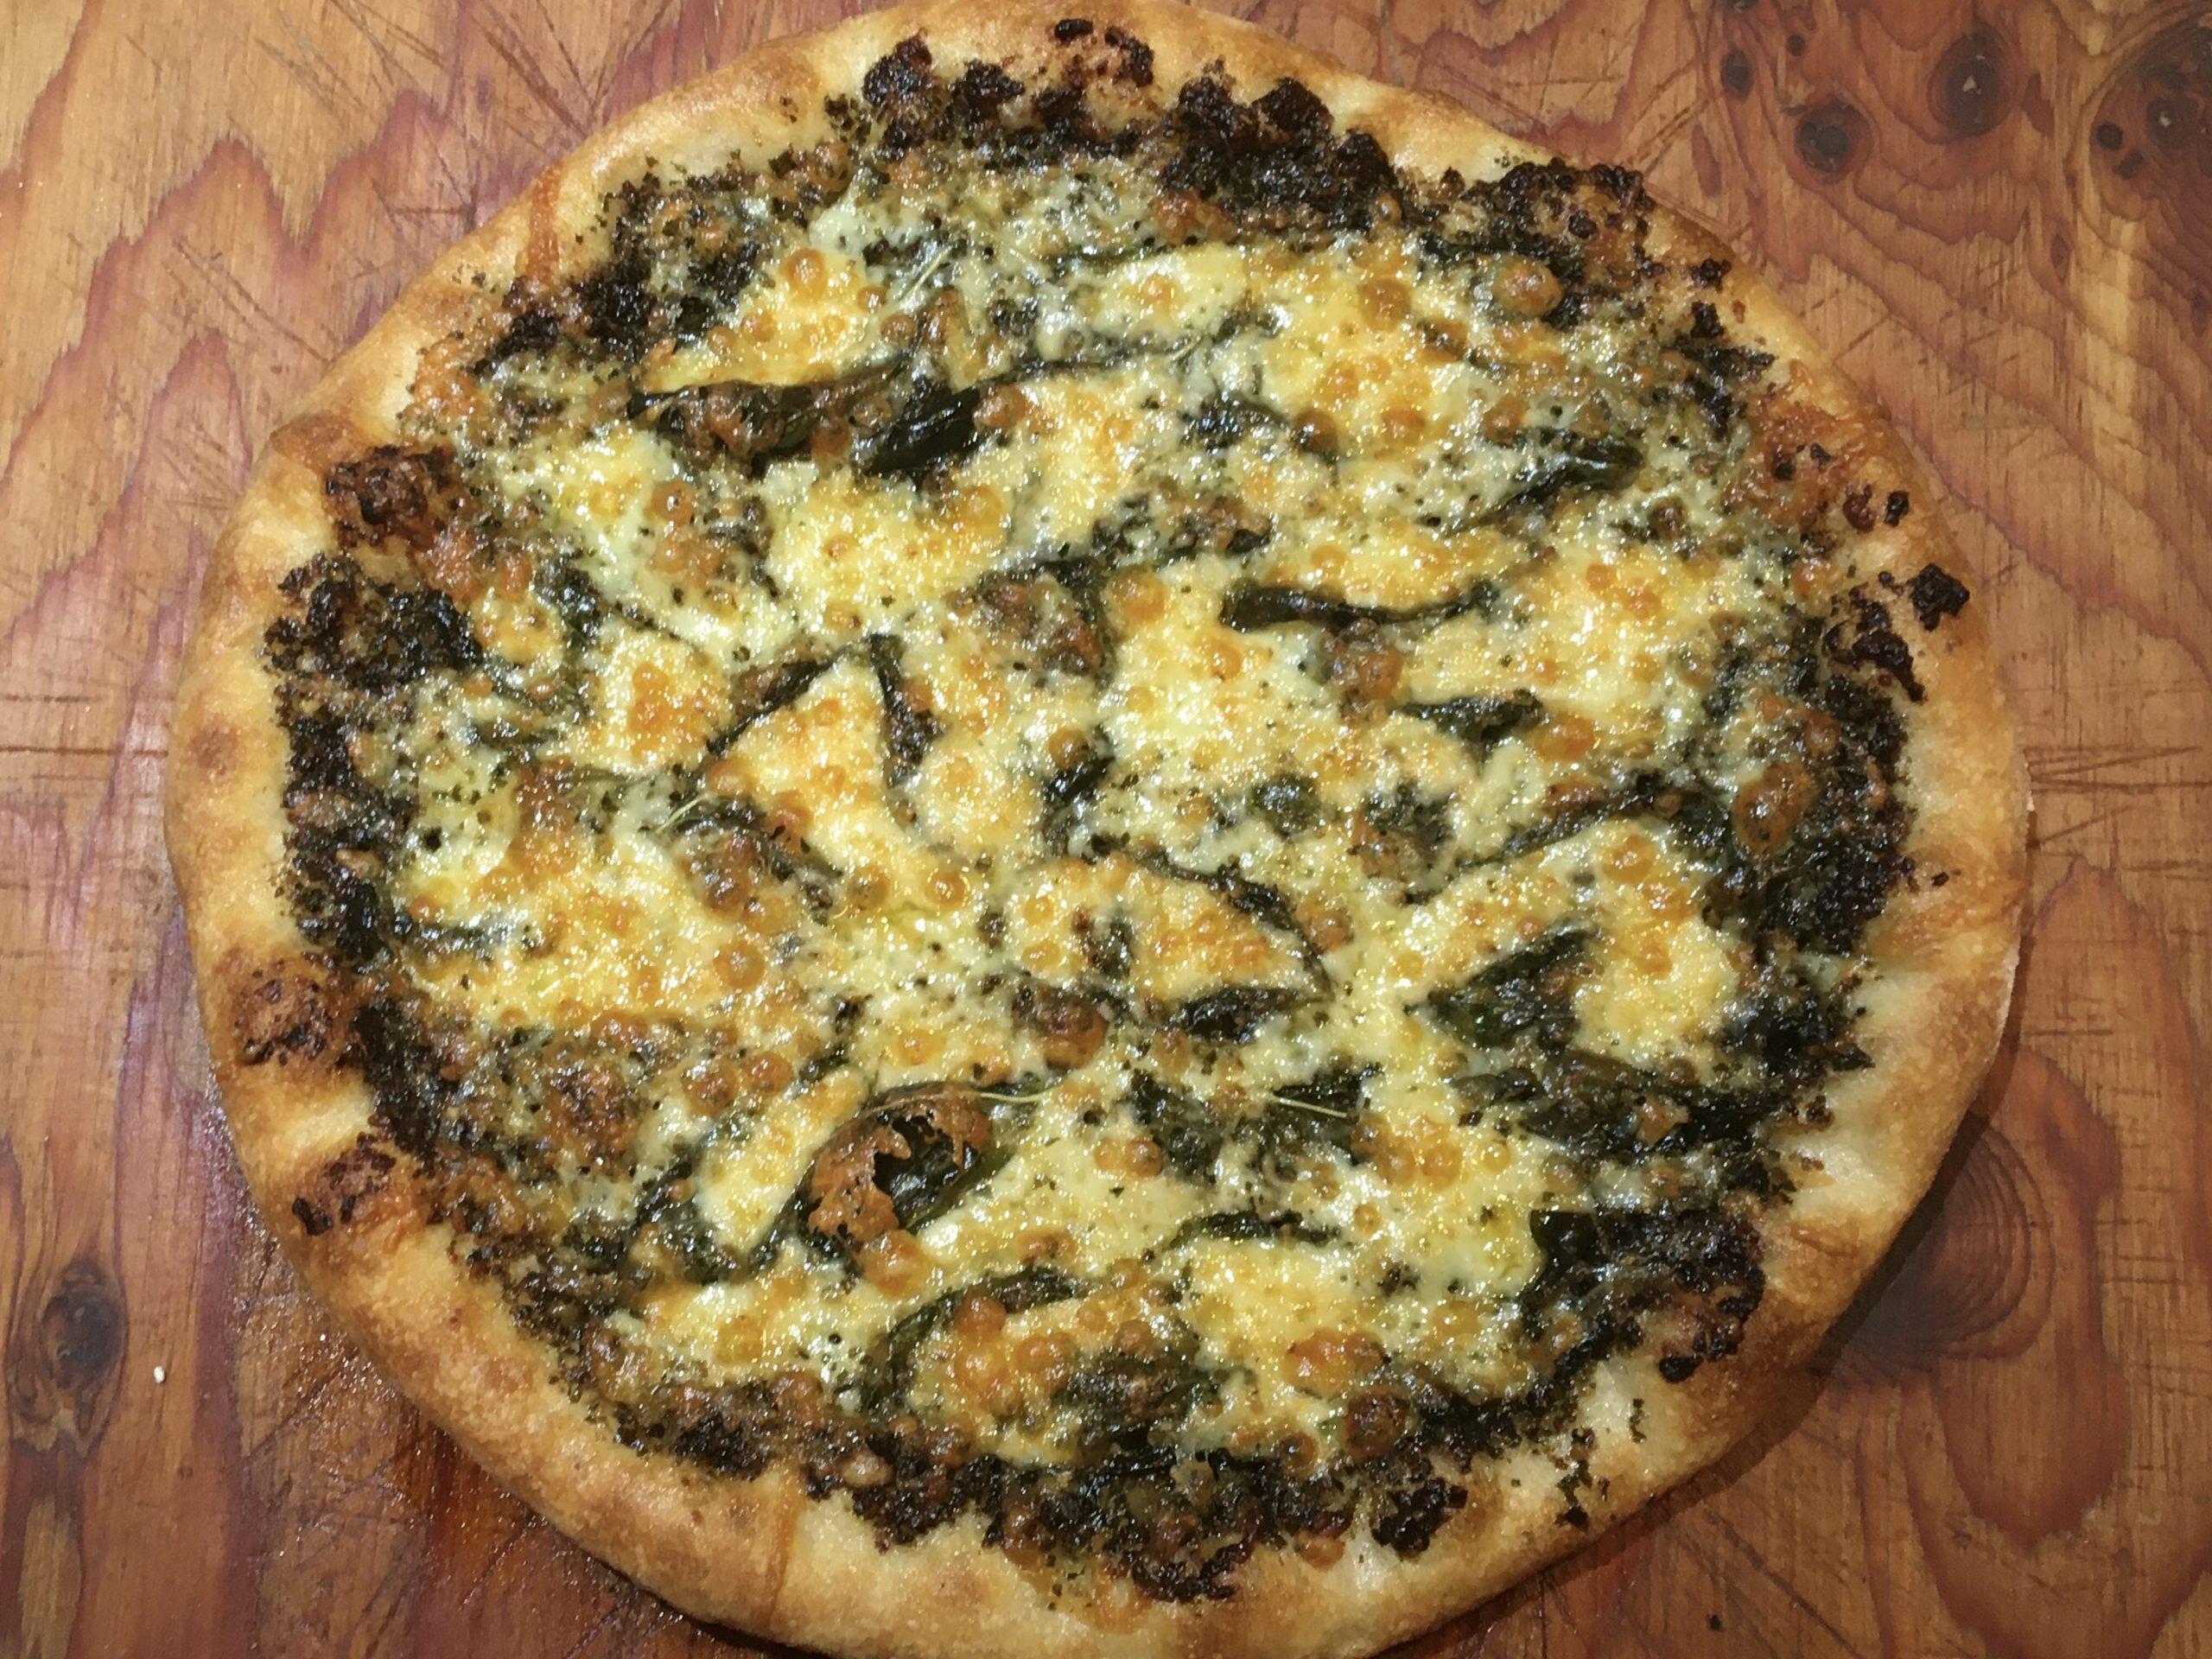 Baked pesto pizza